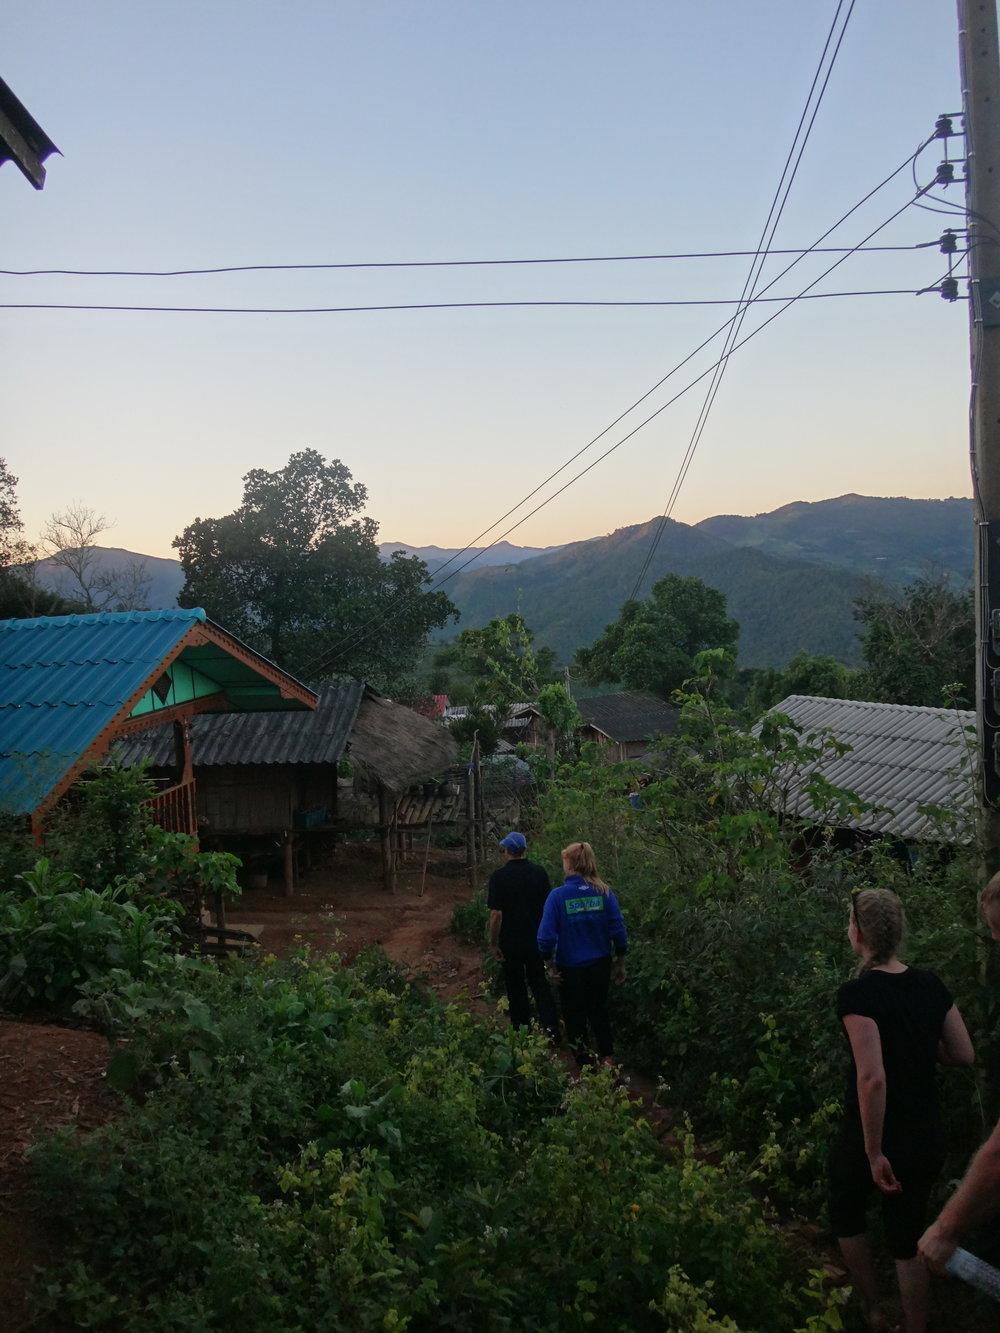 Yksi ilta teimme Timin johdolla rukouskävelyn, jossa tutustuimme paikallisen kylän asukkaisiin.